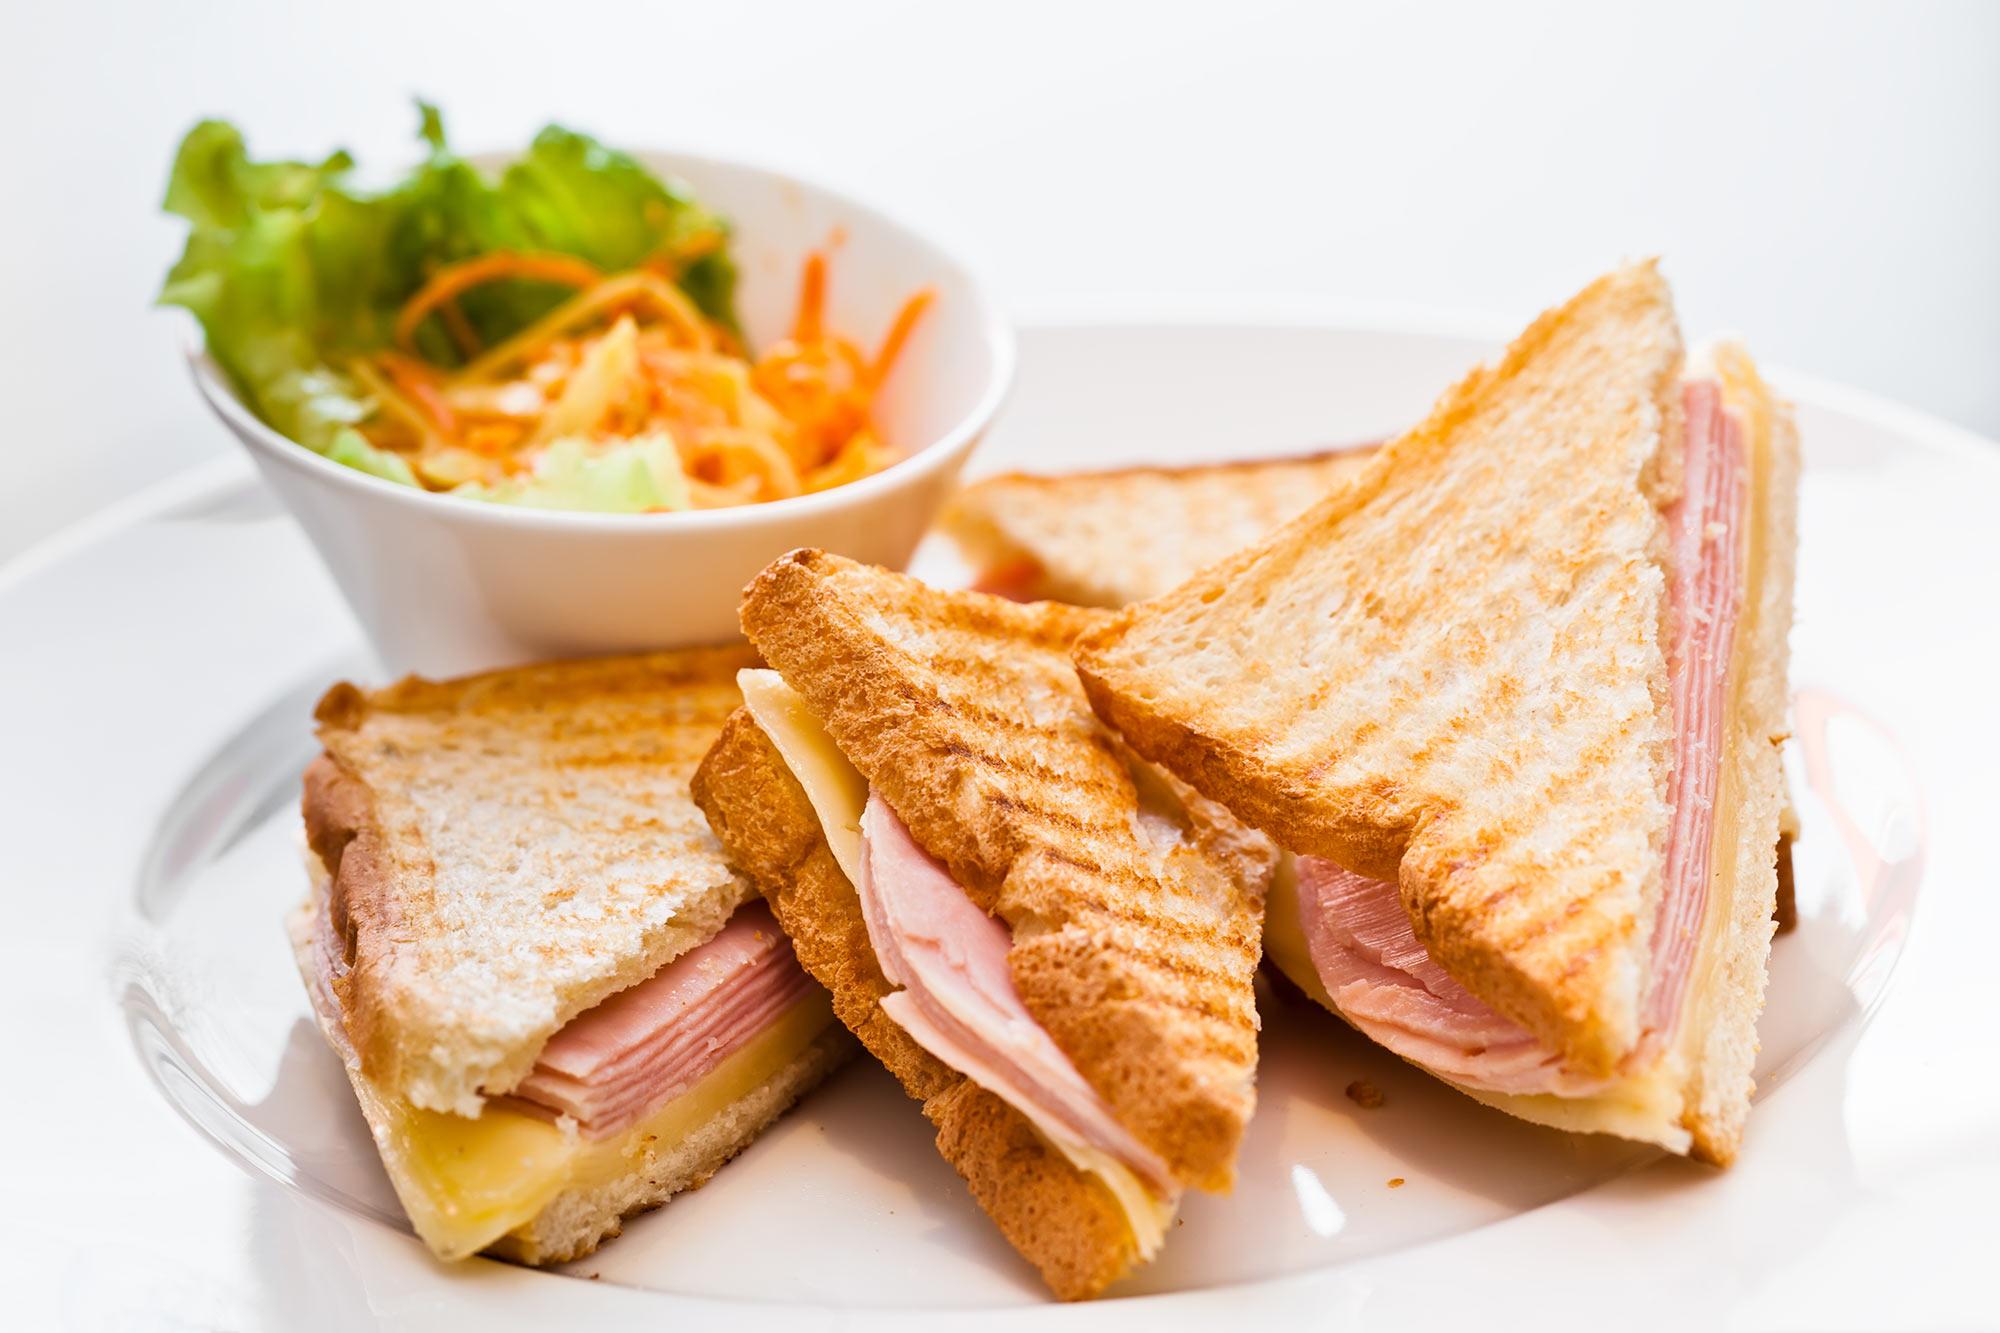 Ant kepsninės keptas sumuštinis